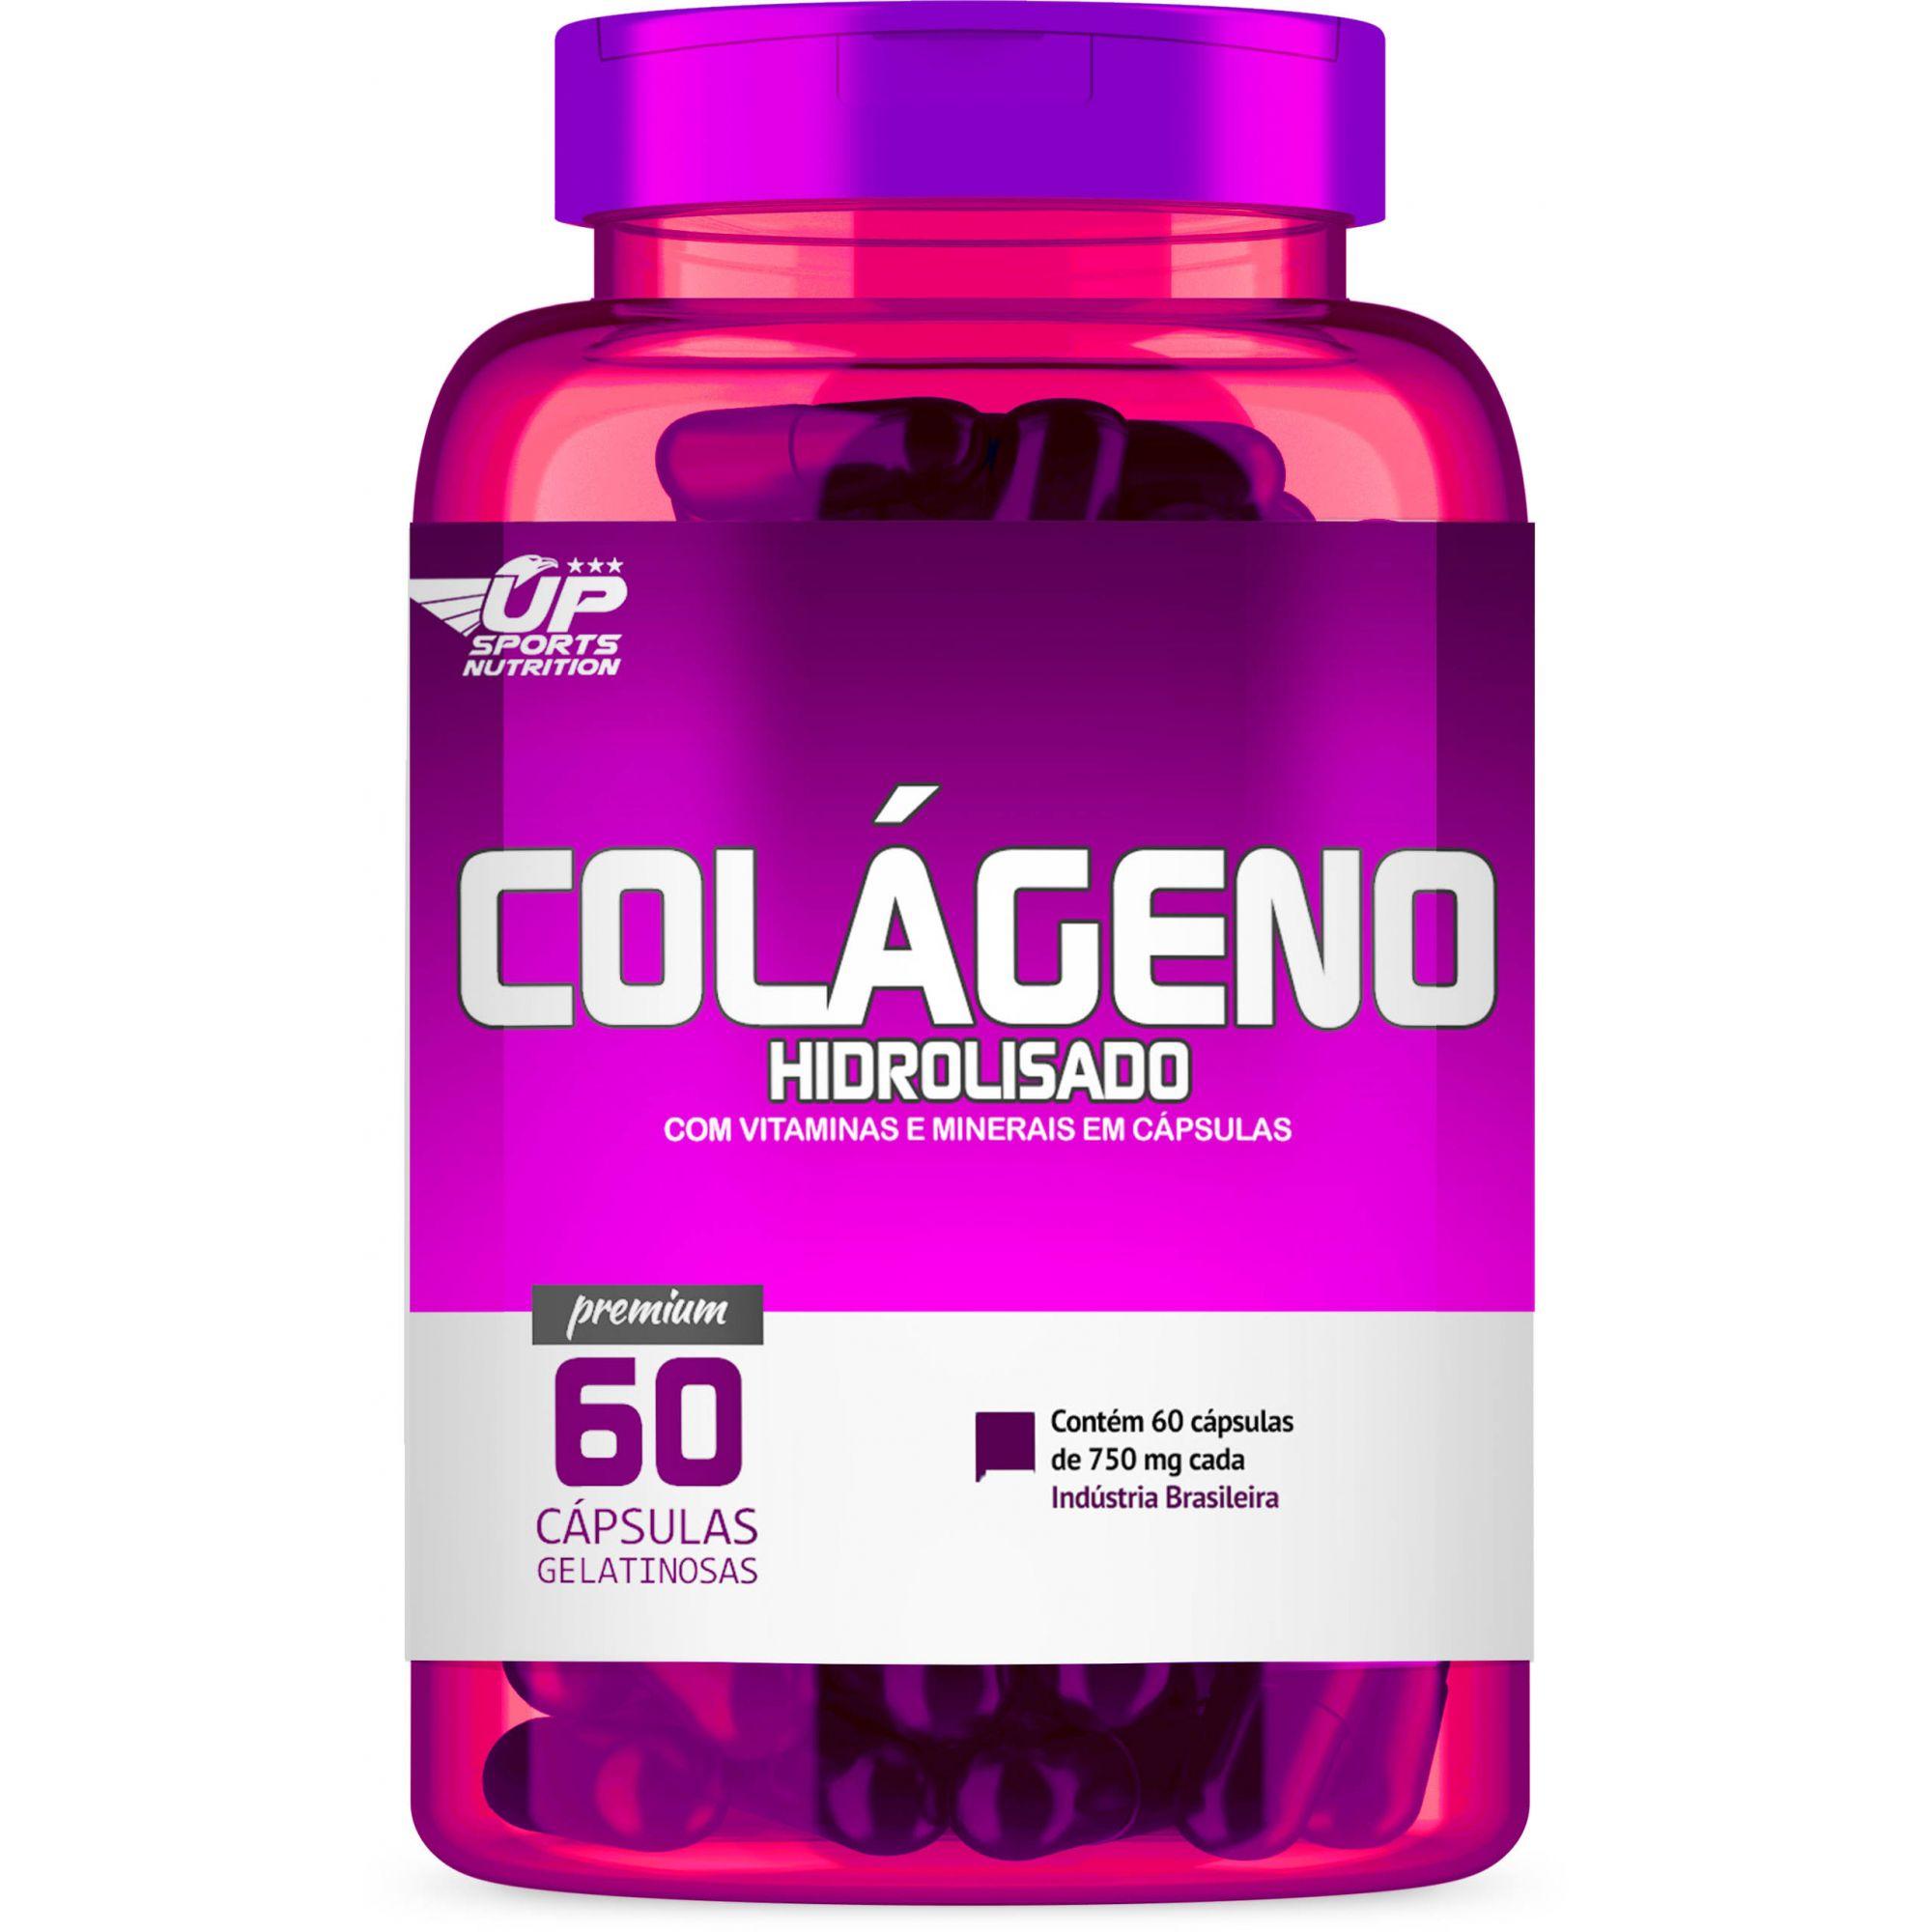 Colageno Hidrolisado 750mg com 60 cápsulas Up Sports Nutrition